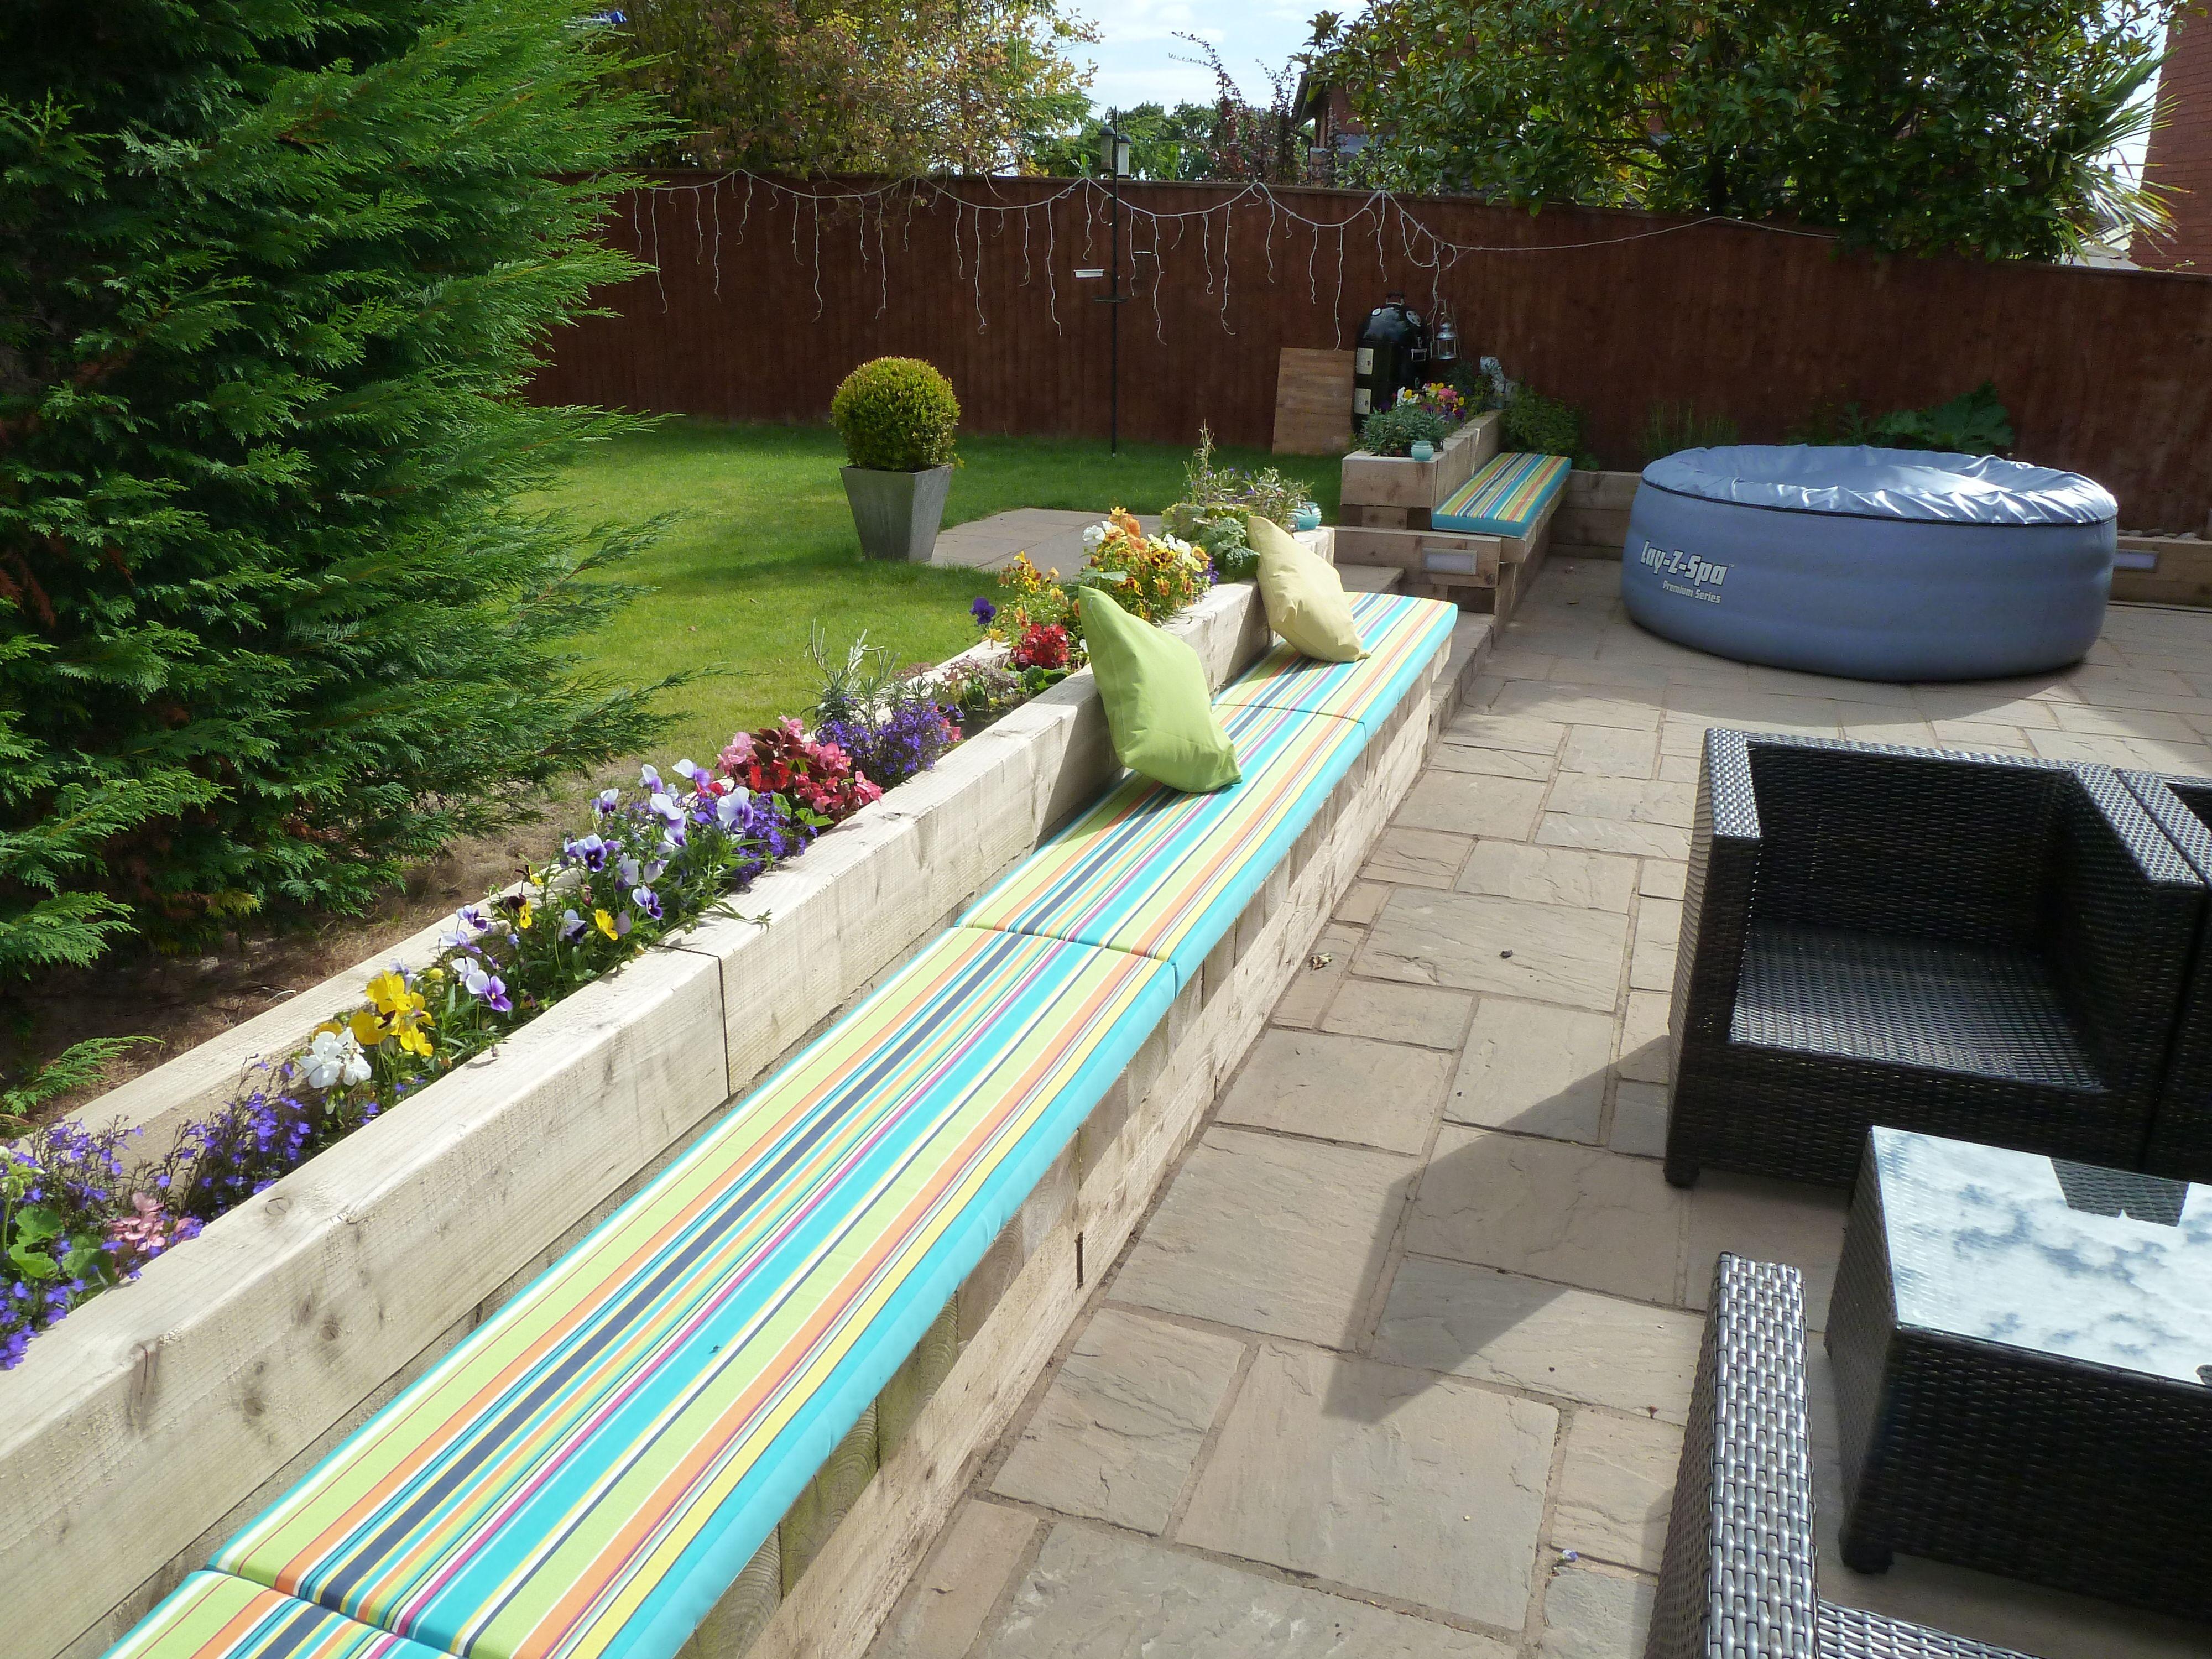 17 Best 1000 images about Garden Seating on Pinterest Gardens Garden